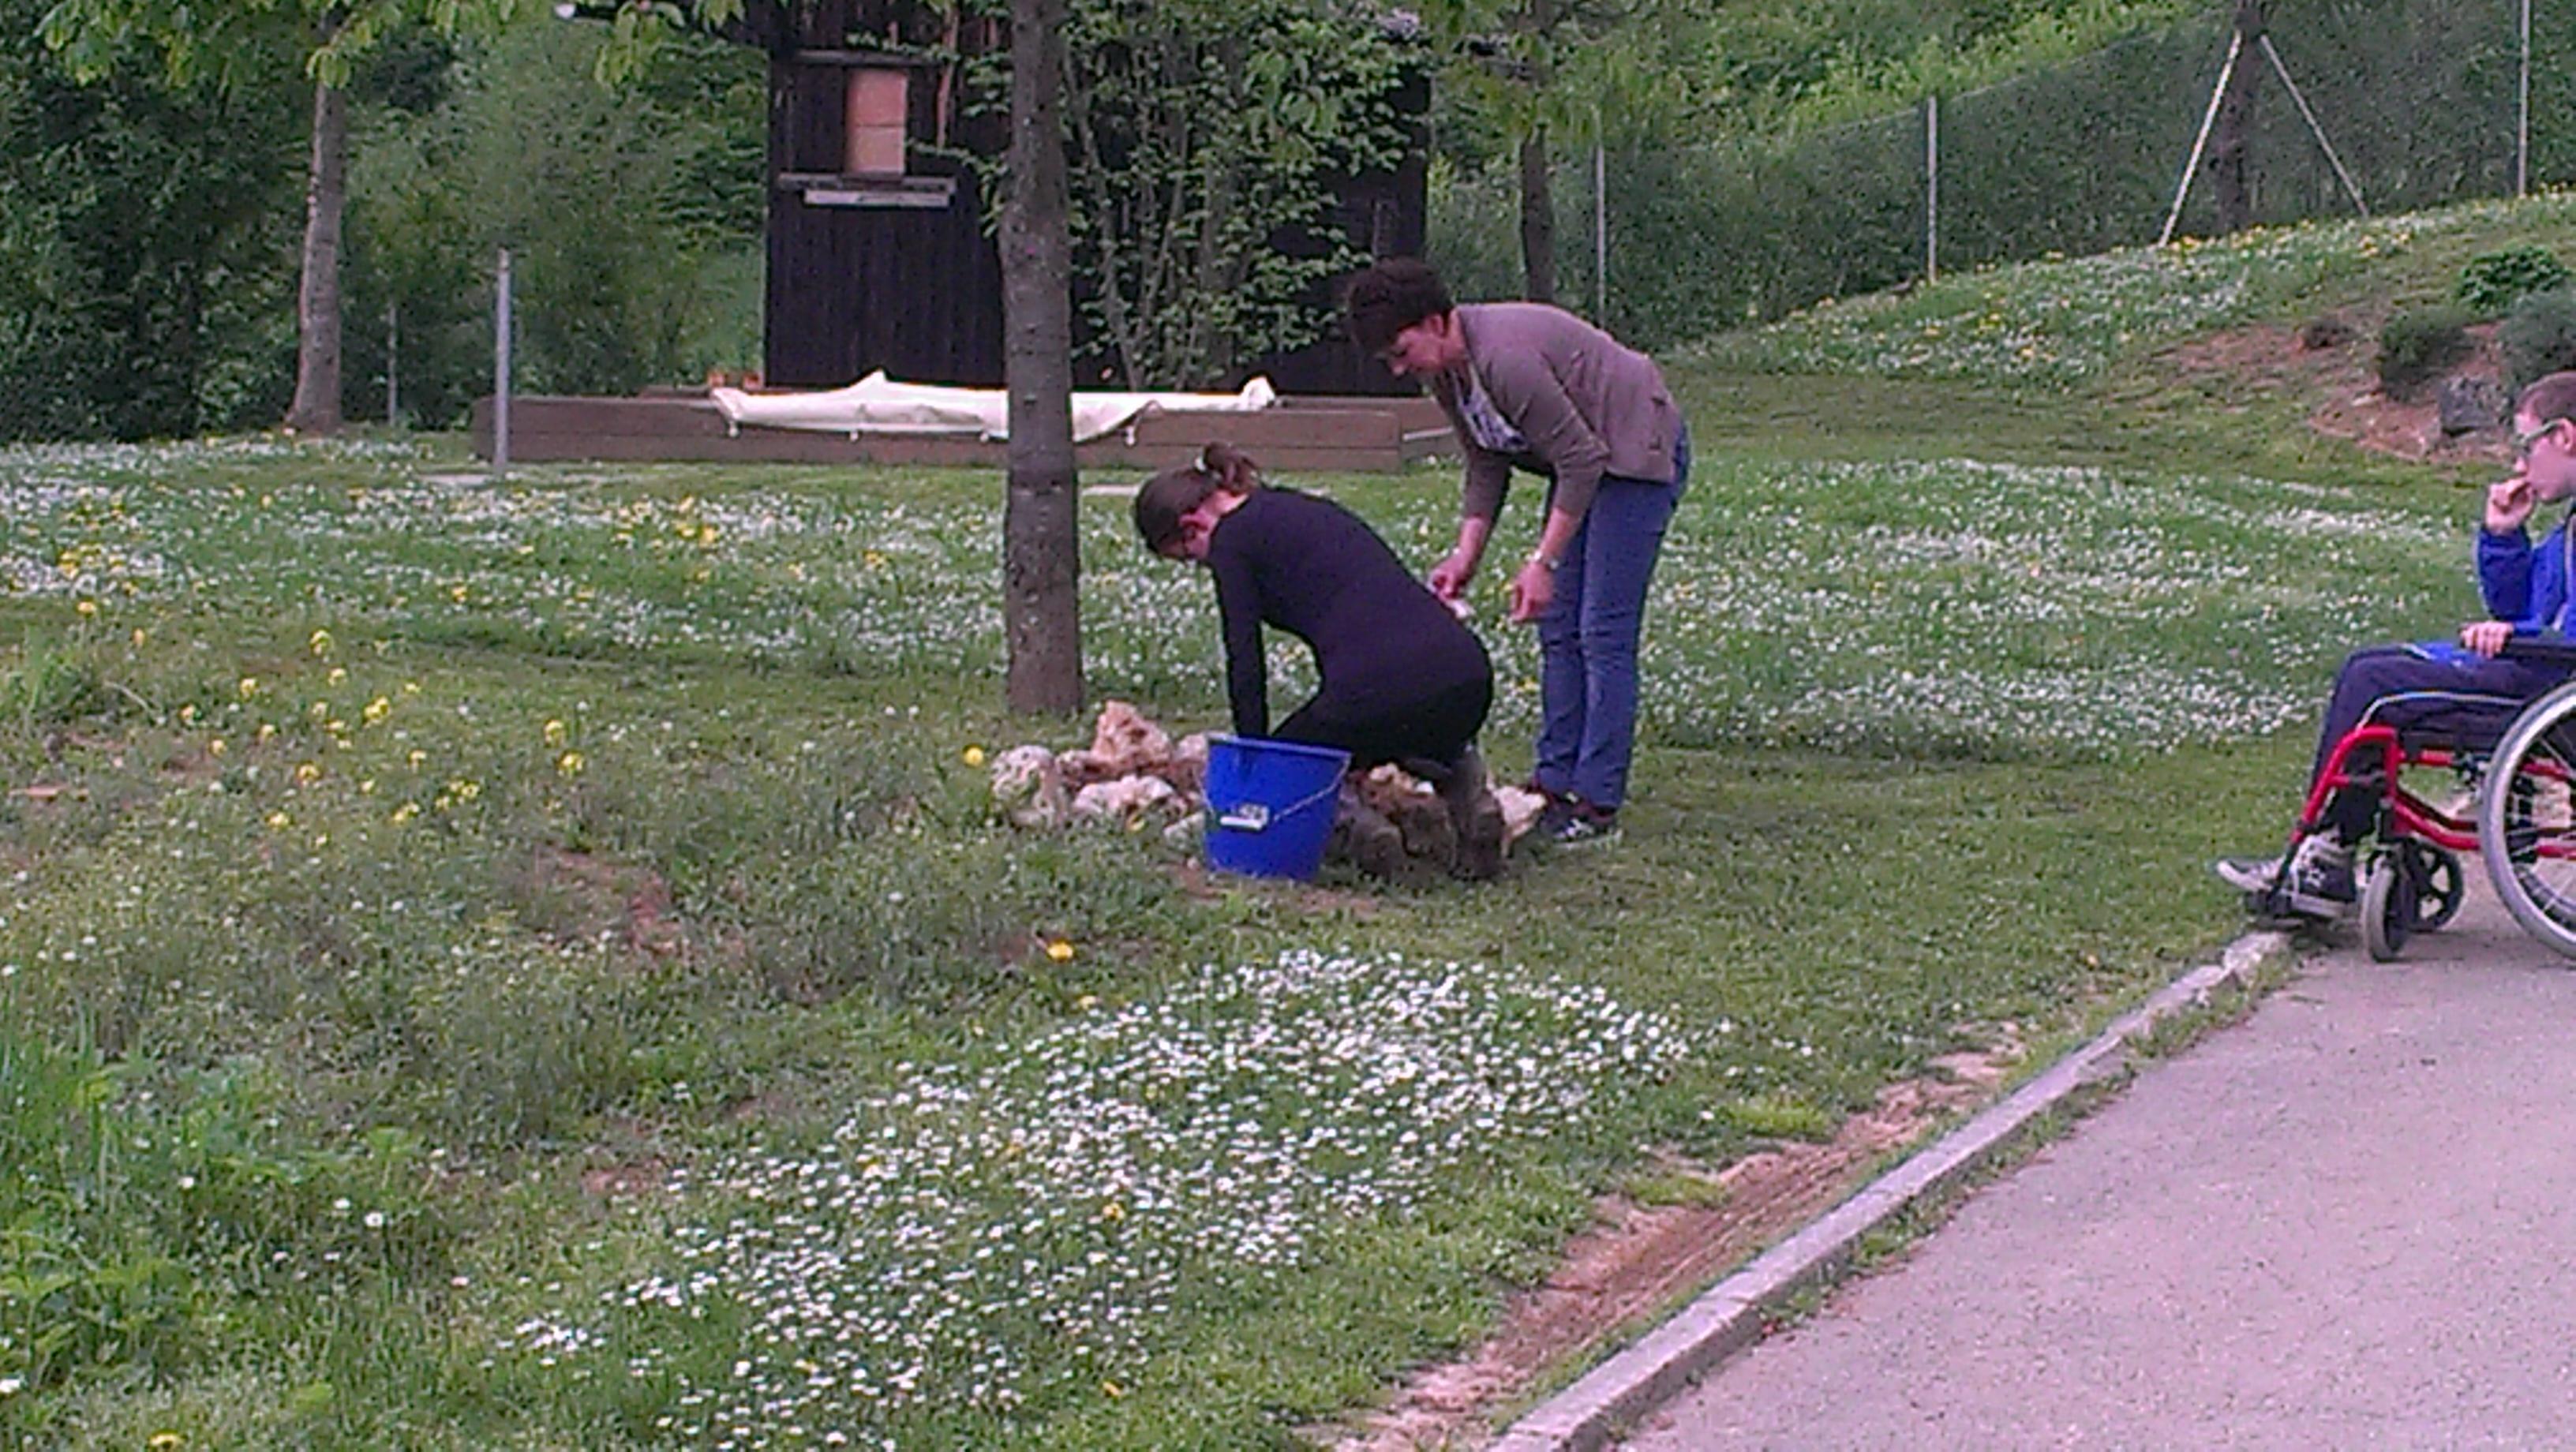 Urejanje okolice vrta